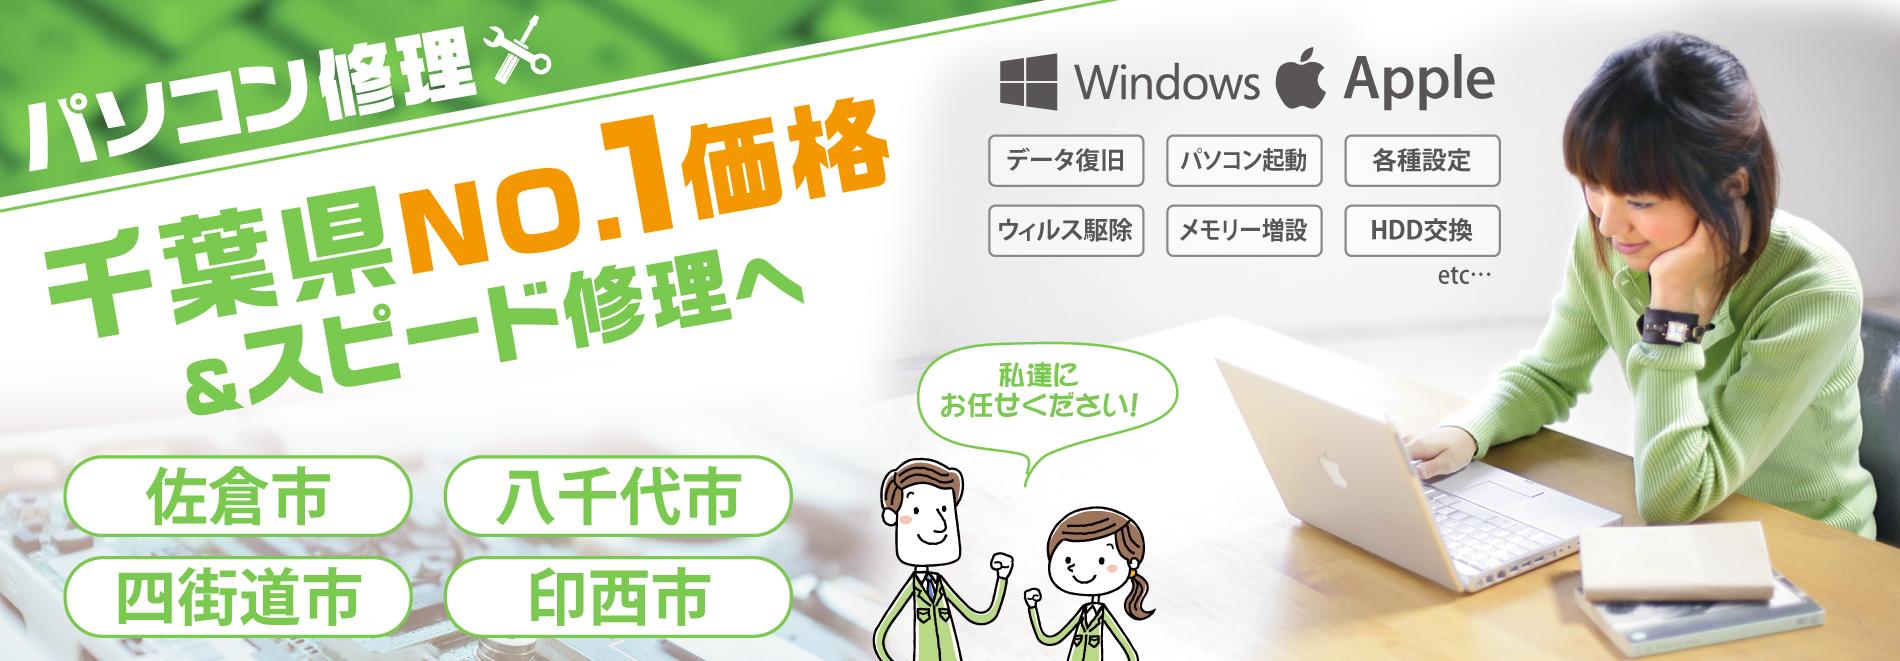 パソコン修理|佐倉・八千代・四街道・印西